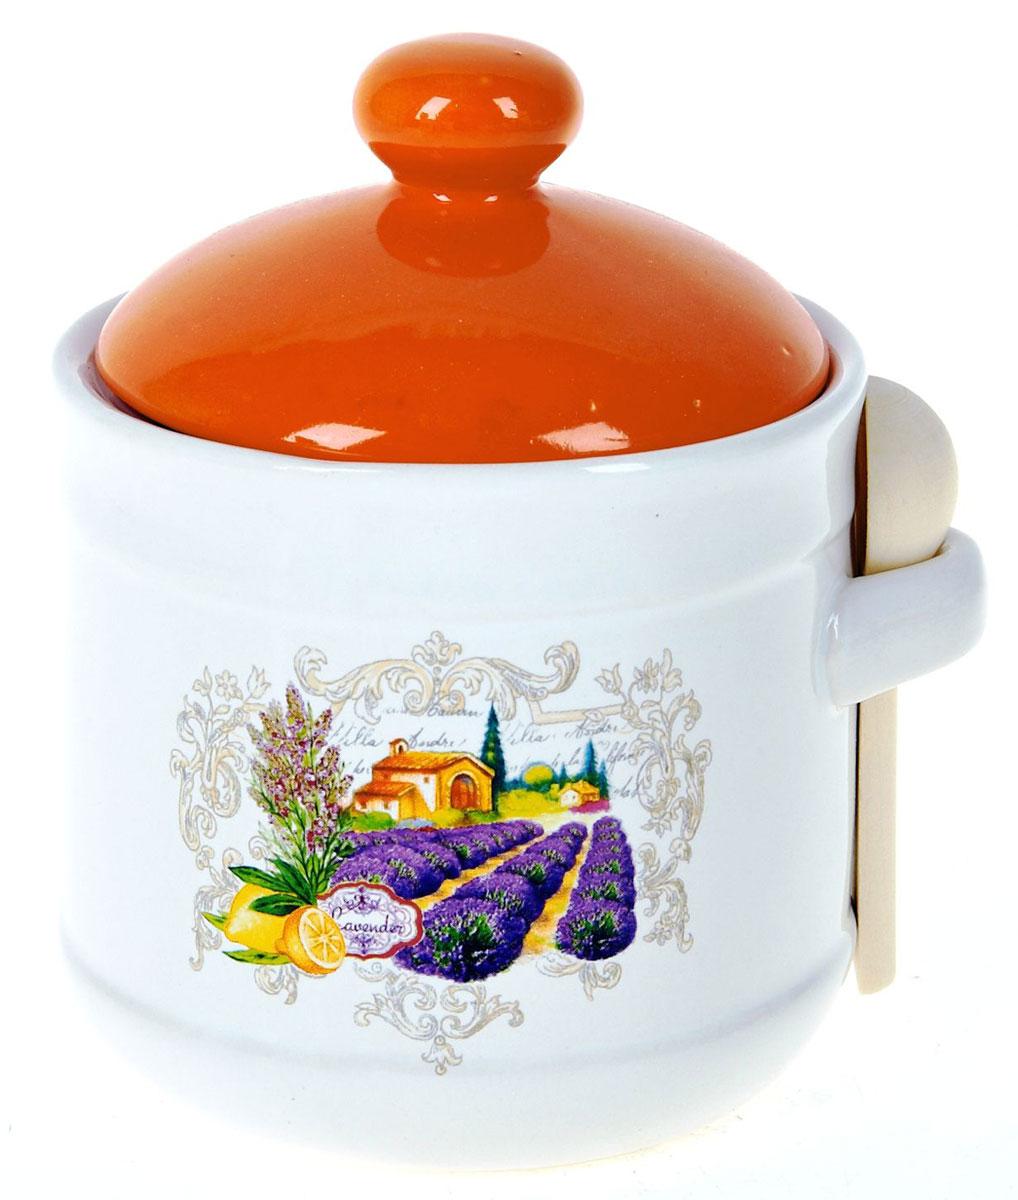 Банка для сыпучих продуктов Polystar Прованс, с ложкой, 750 млL2430733Банка для сыпучих продуктов Polystar Прованс изготовлена из керамики, с деревянной ложкой. Изделие оформлено красочным изображением. Банка прекрасно подойдет для хранения различных сыпучих продуктов: чая, кофе, сахара, круп и многого другого. Крышка герметично закрывается, что позволяет дольше сохранять продукты свежими. Изящная емкость не только поможет хранить разнообразные сыпучие продукты, но и стильно дополнит интерьер кухни.